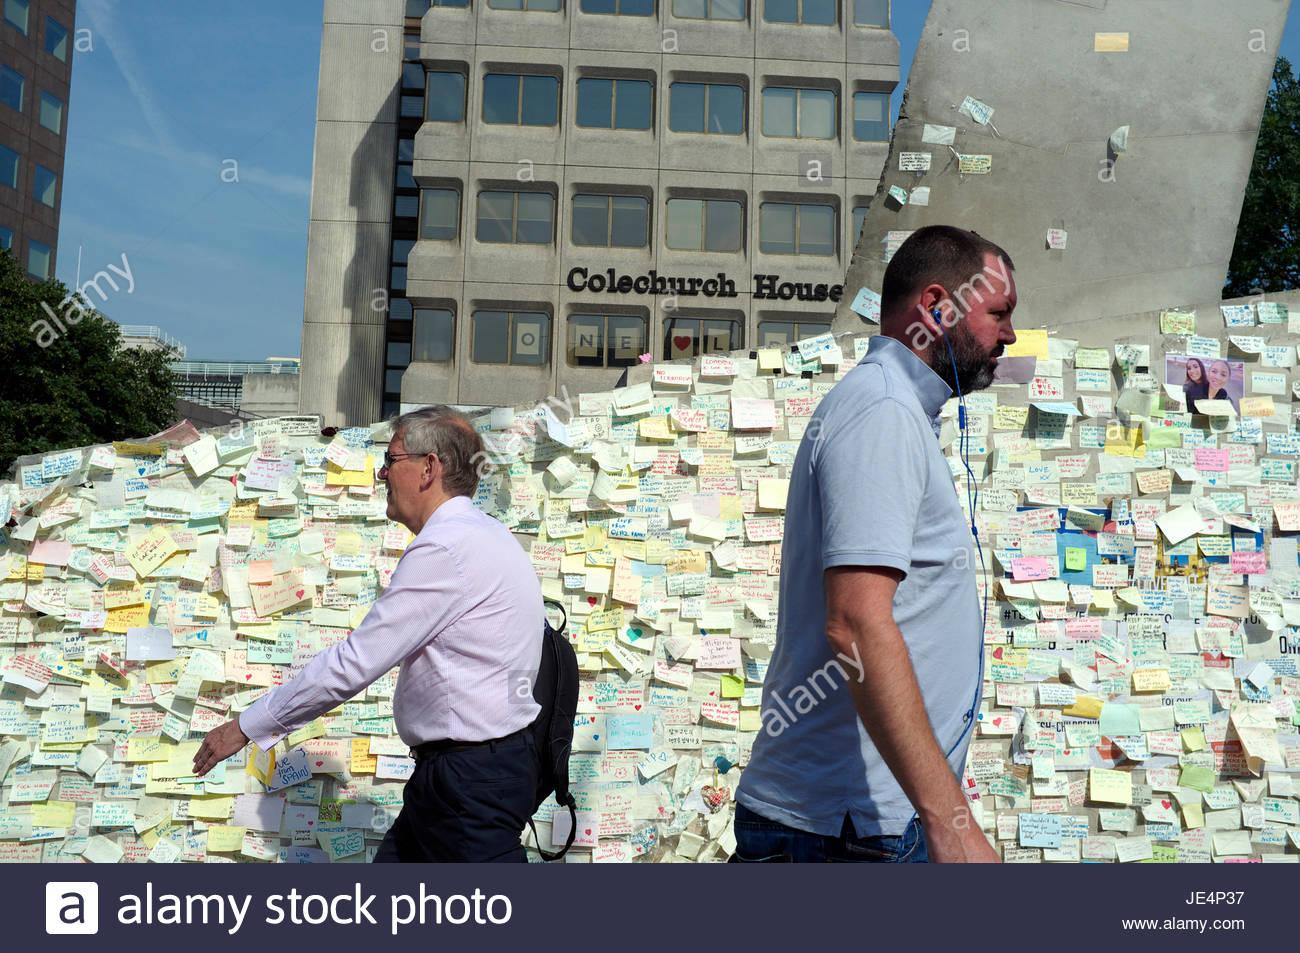 Papel de pared ofrece notas de condolencias y solidaridad a London Bridge, en respuesta a los ataques terroristas Imagen De Stock